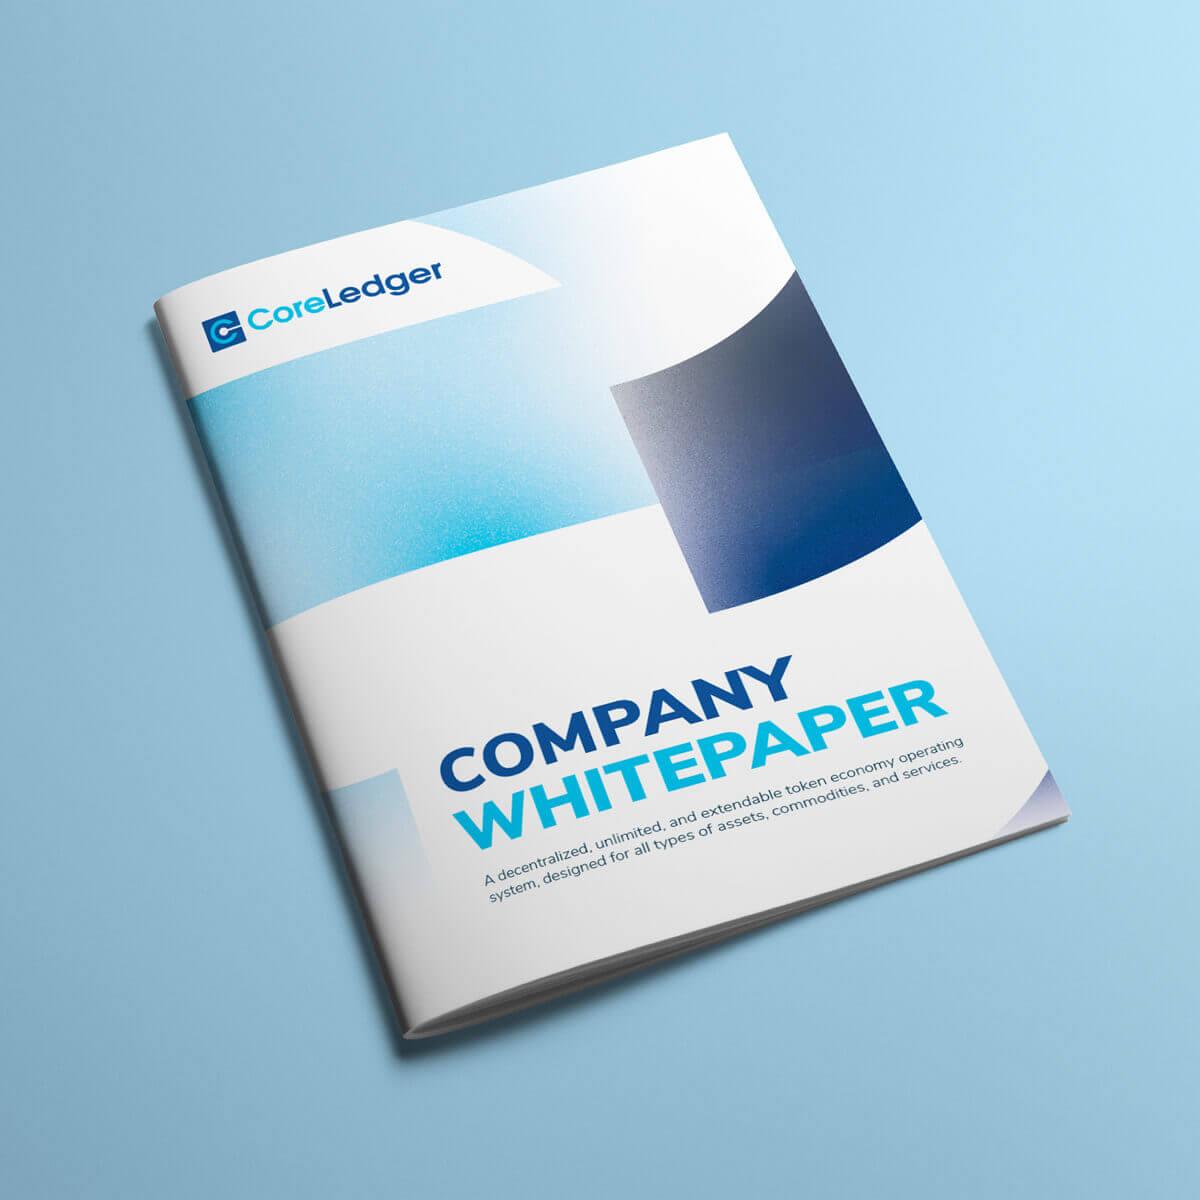 coreledger_whitepaper_cover_mockup_01